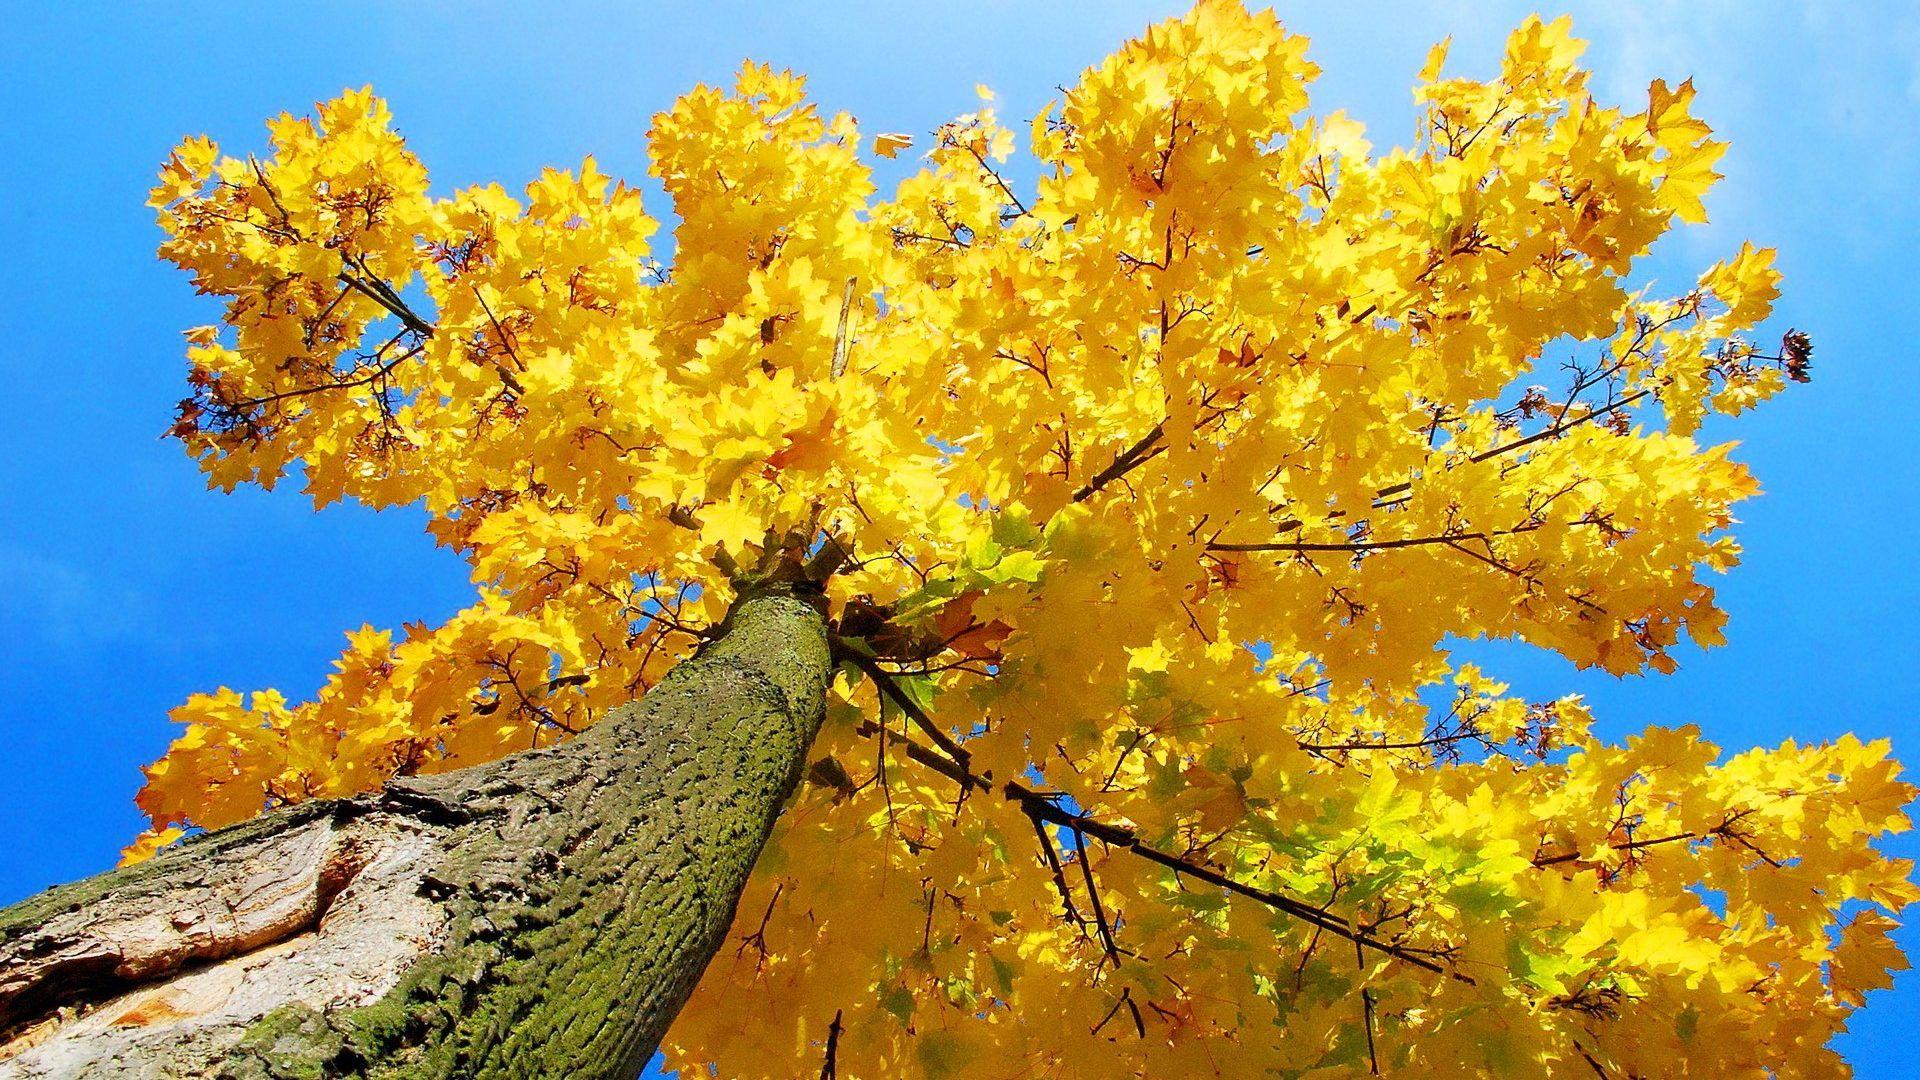 yellow aesthetic background